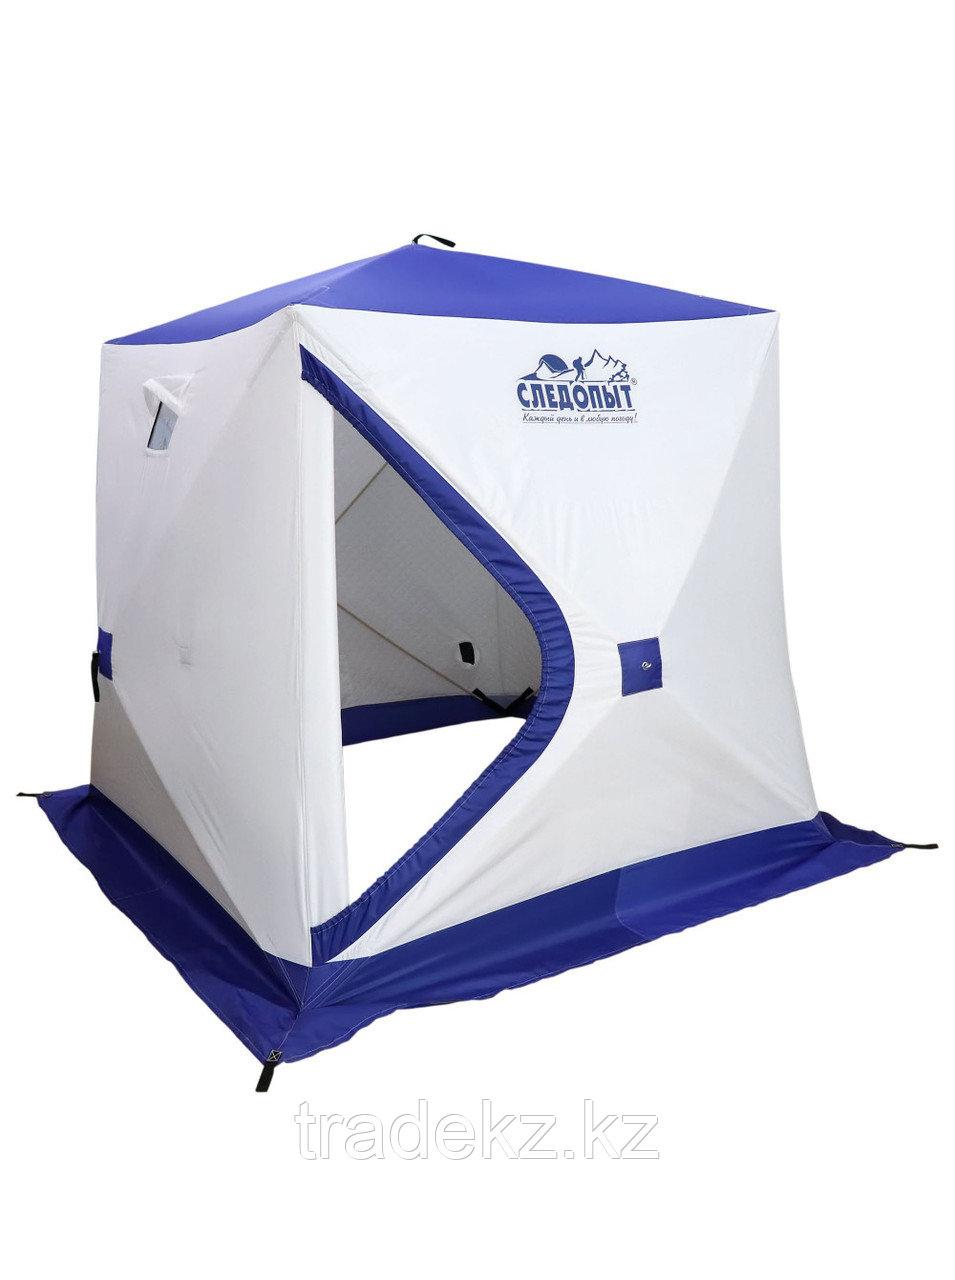 Палатка для зимней рыбалки PF-TW-08 куб СЛЕДОПЫТ 1,95 х1,95 м